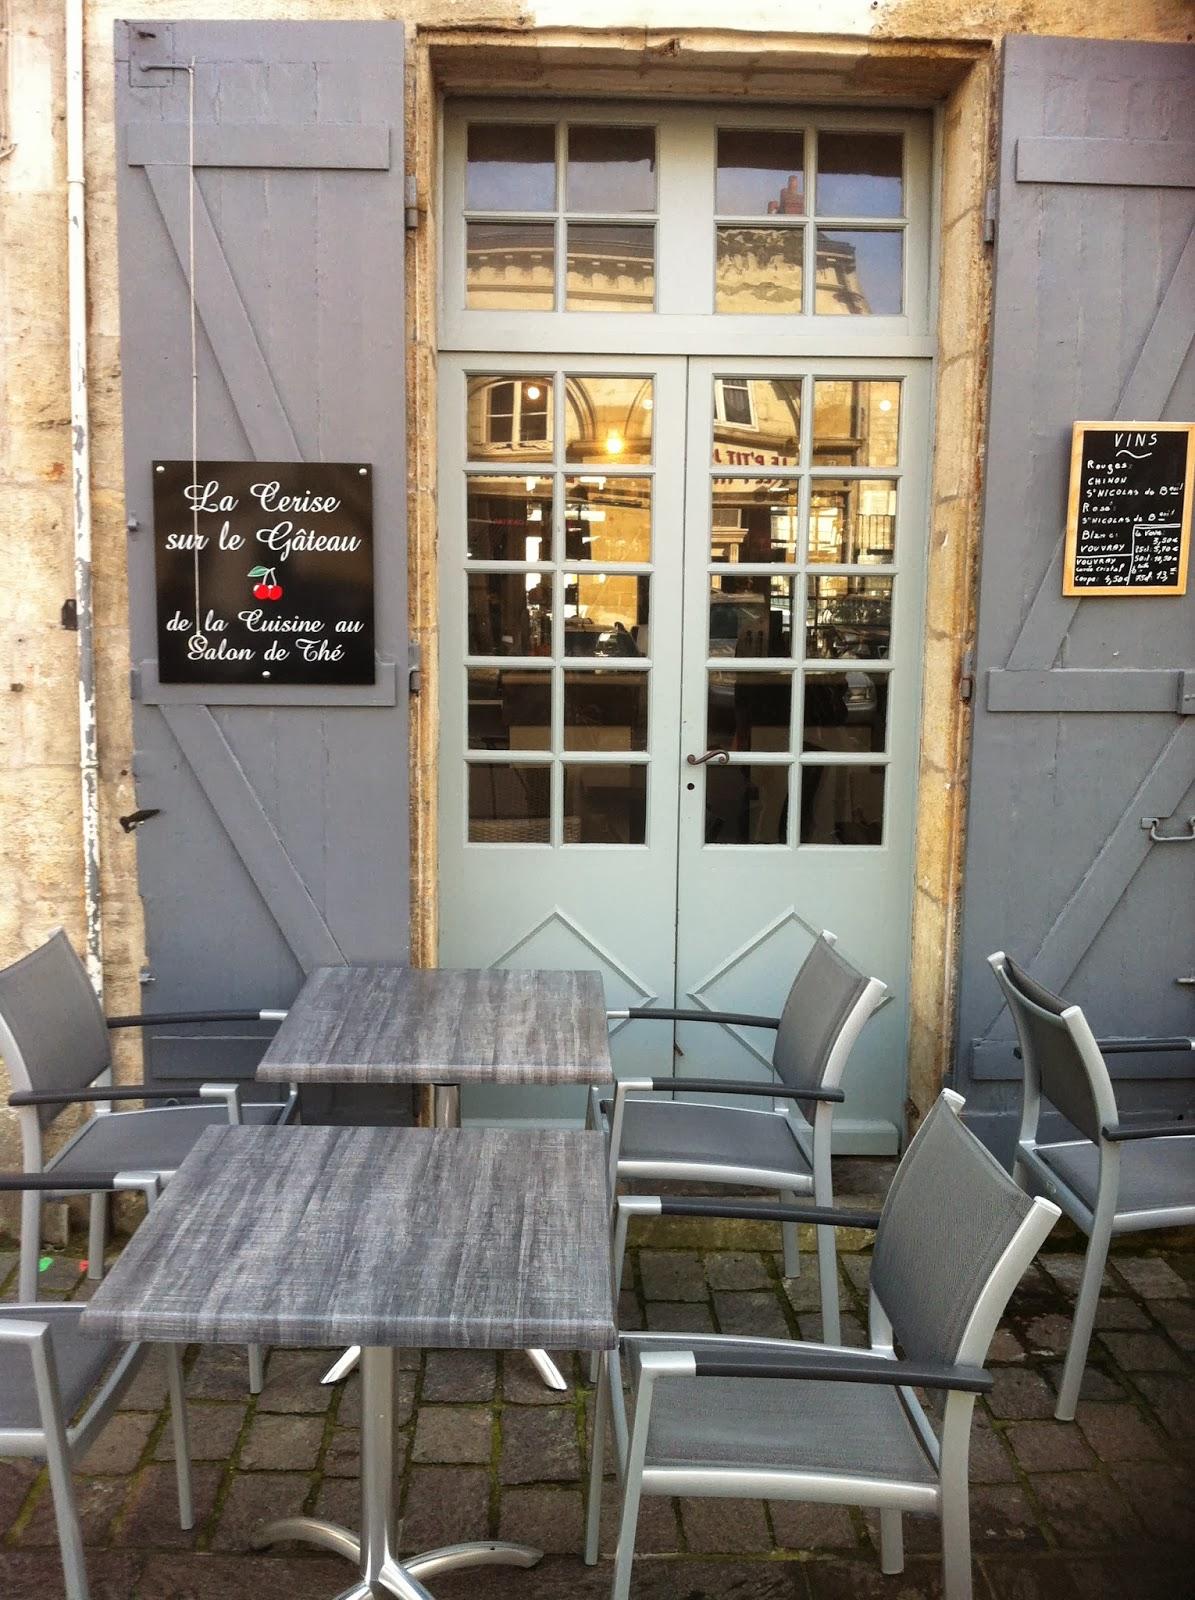 Learn french in tours apprendre le fran ais tours bons plans restos pour manger au coeur de - La cuisine du monstre tours ...